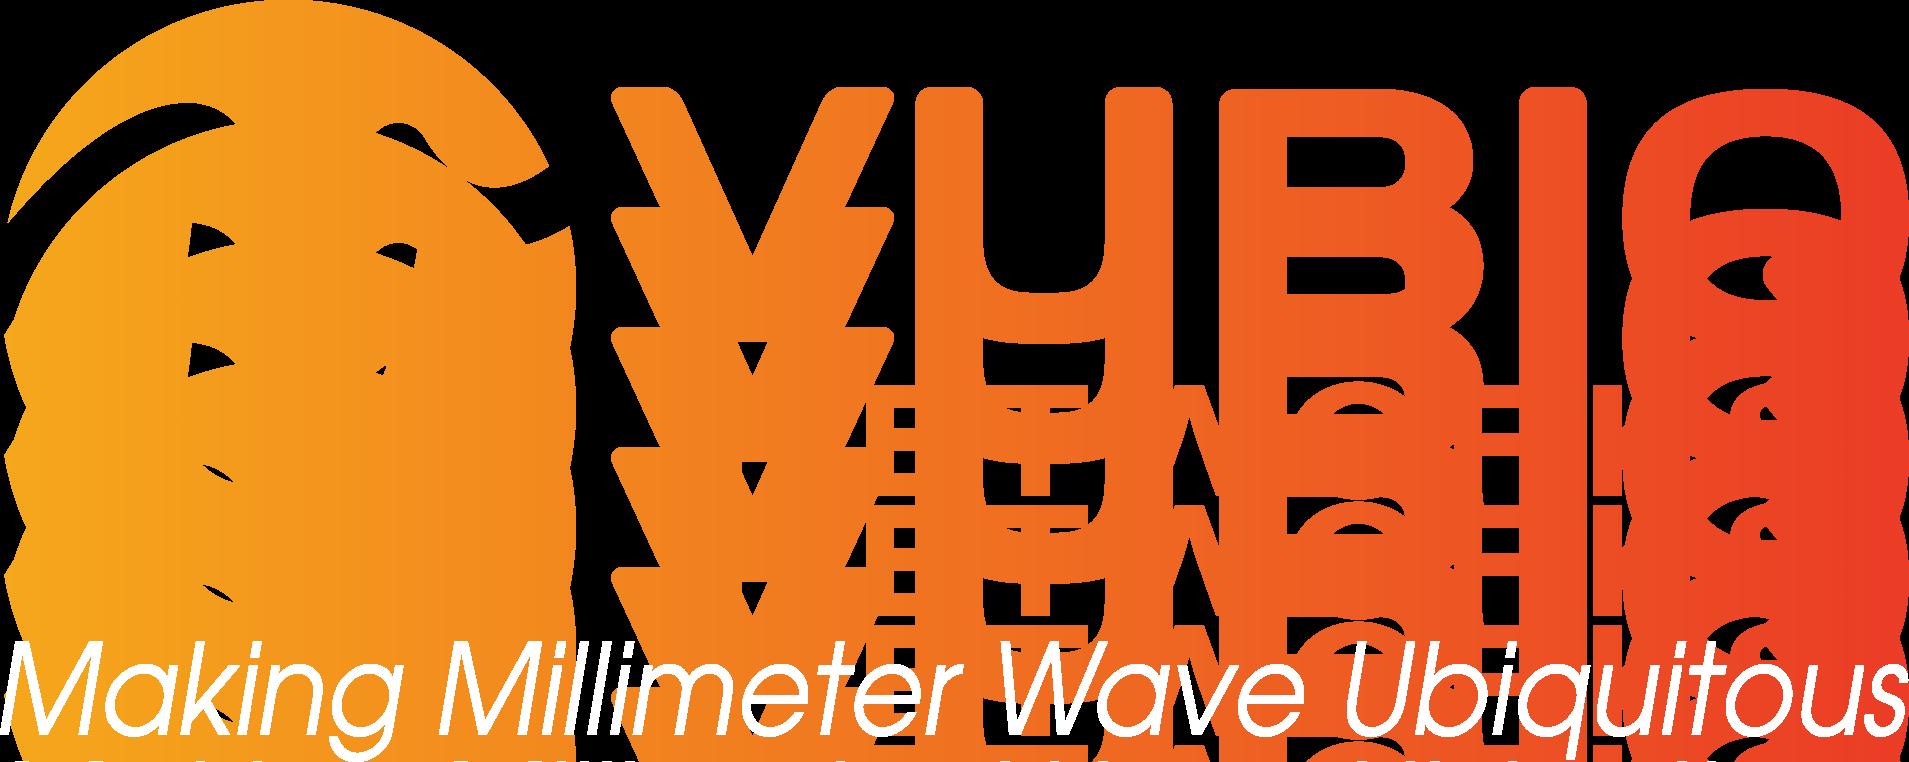 Vubiq Networks